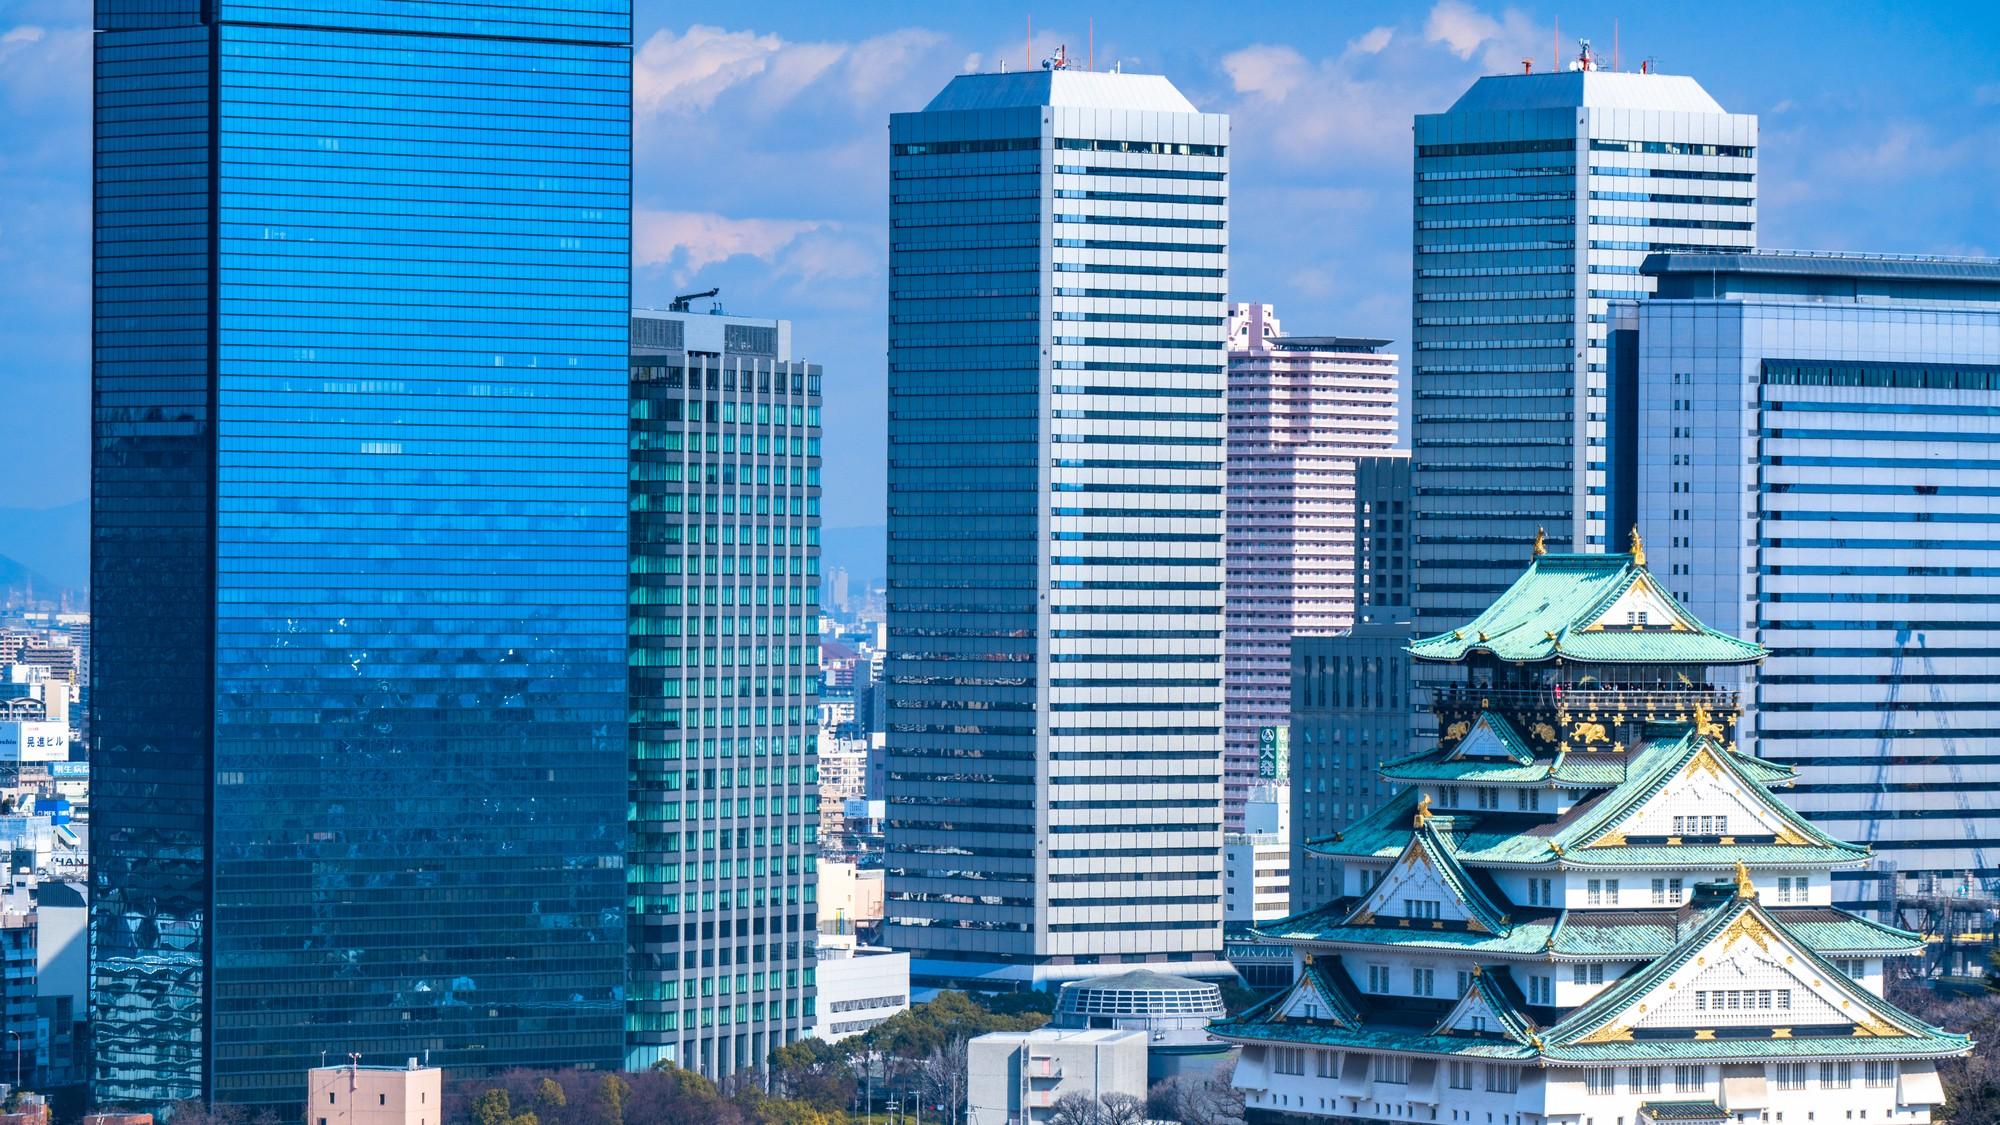 利回り、将来性…今、不動産投資は「大阪」が狙い目なワケ